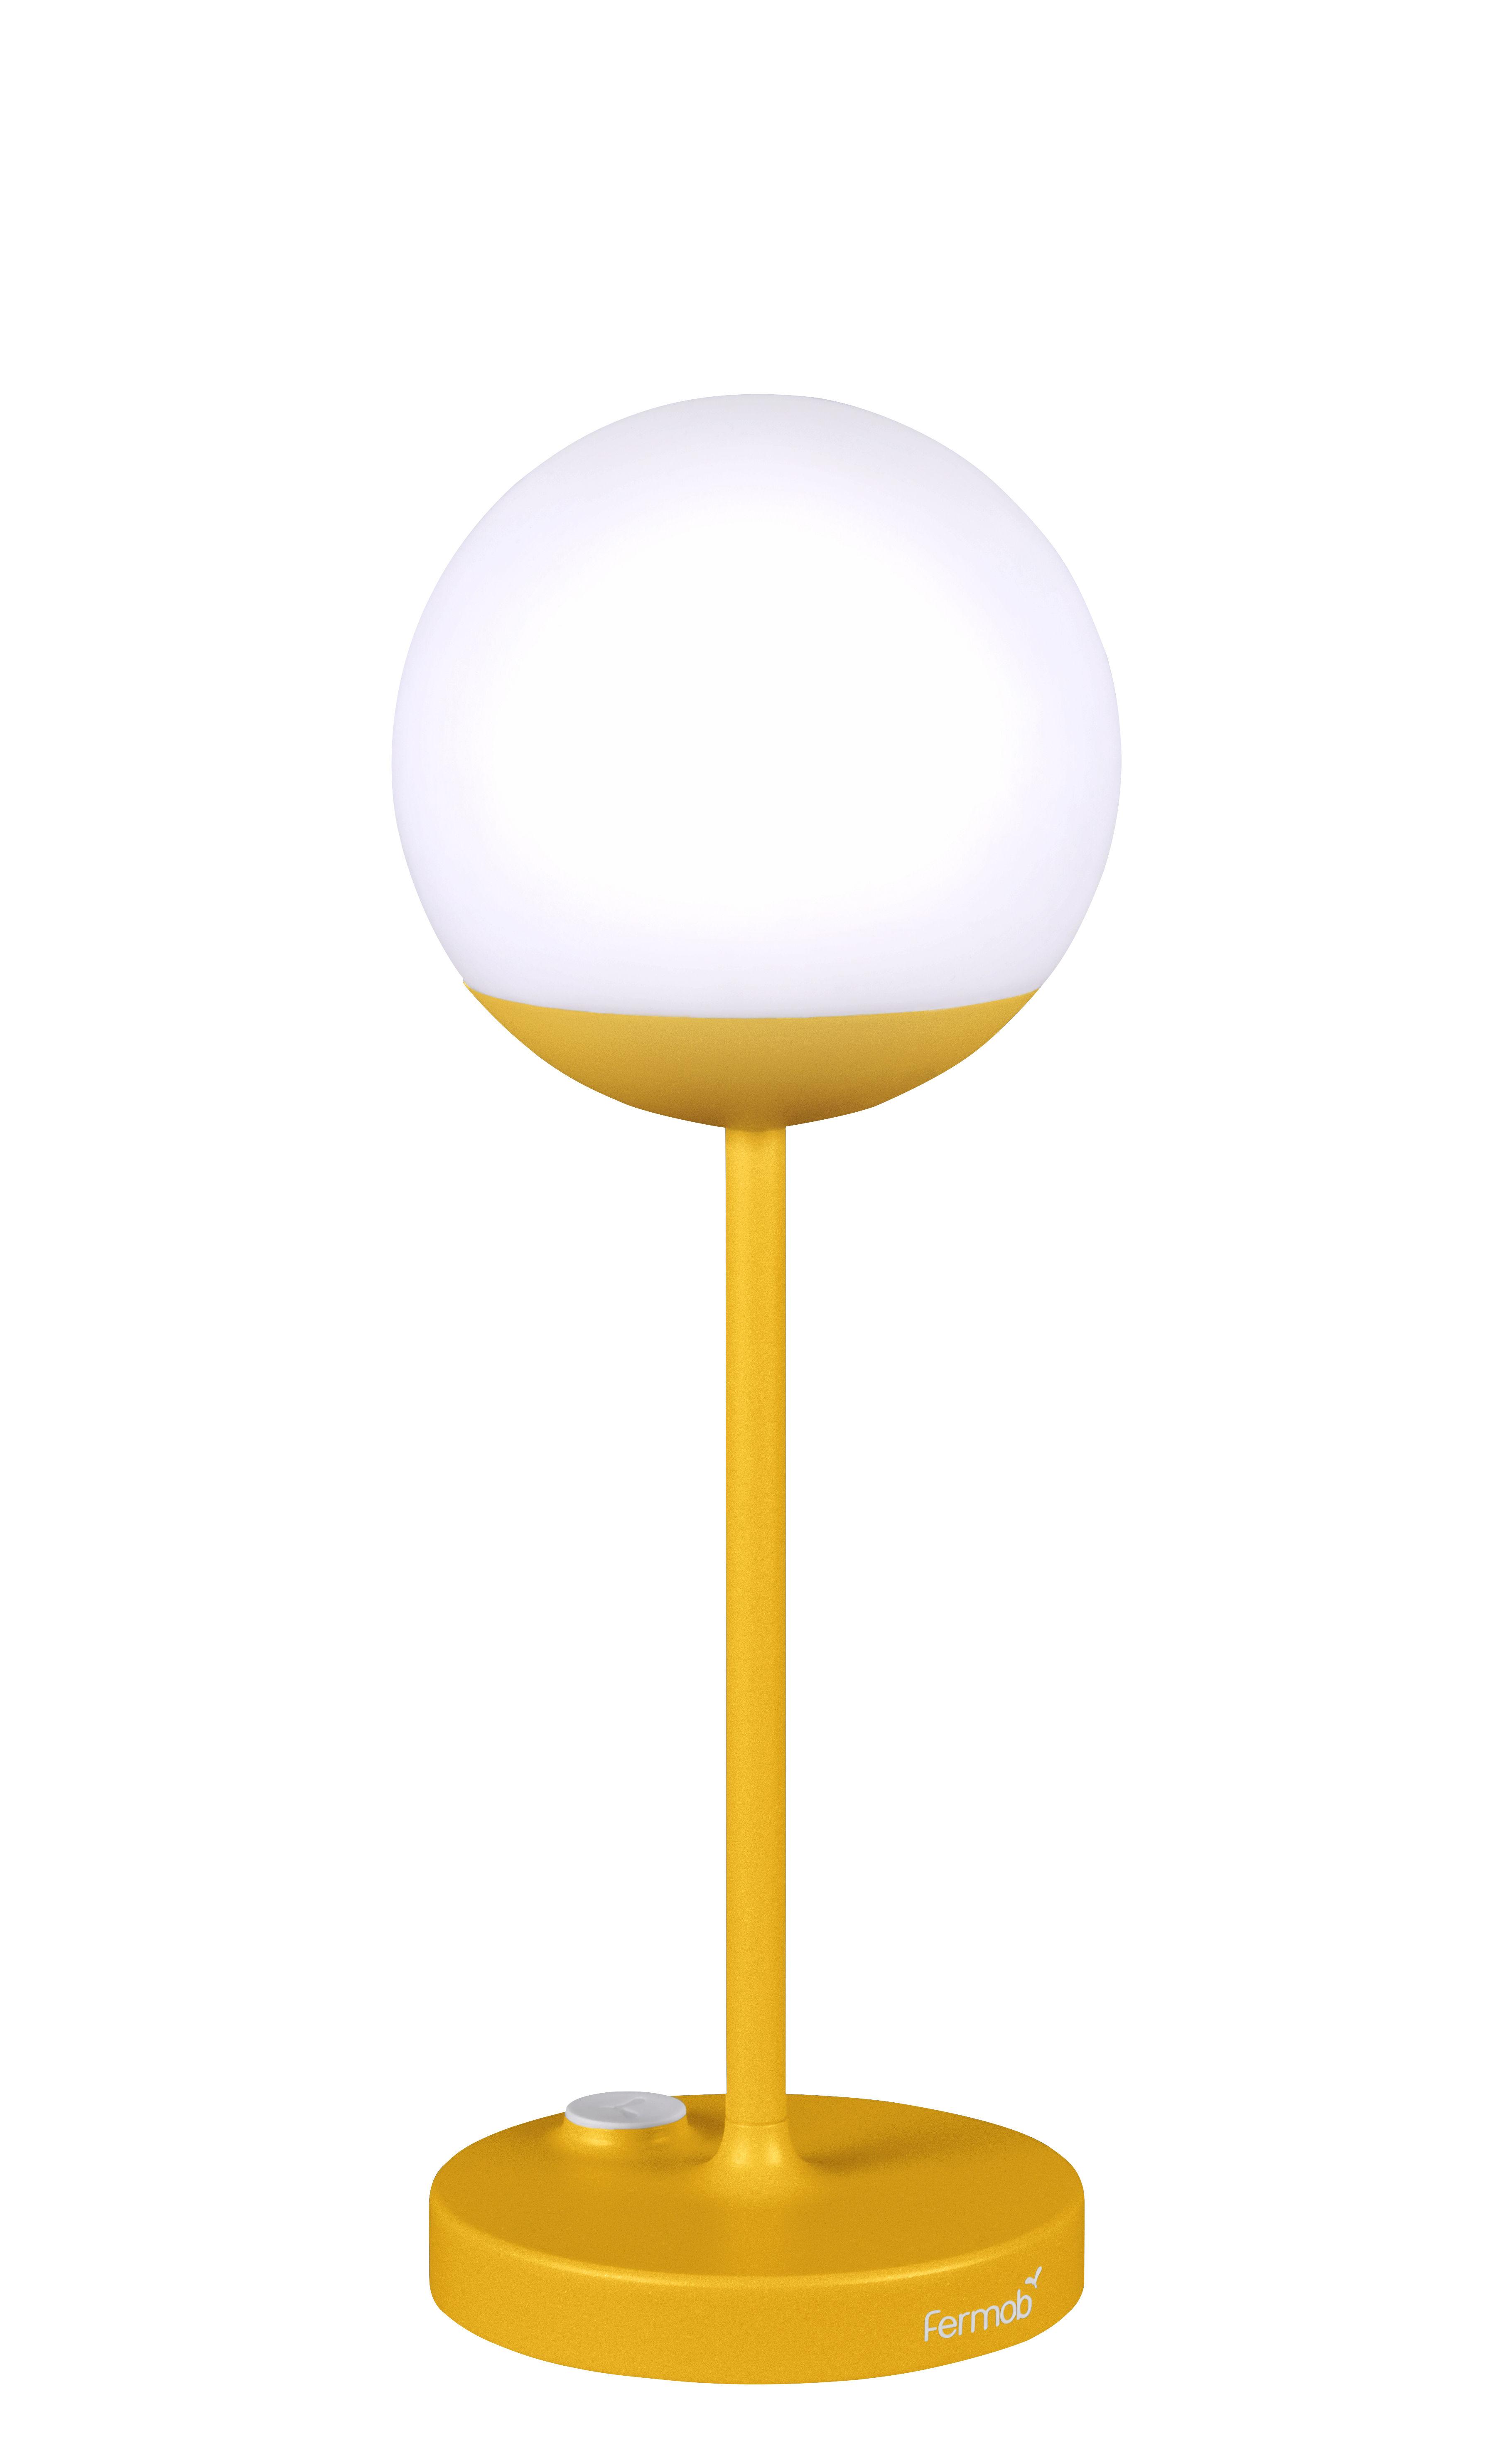 Illuminazione - Lampade da tavolo - Lampada senza fili Mooon! LED - / H 41 cm - Ricarica USB di Fermob - Miele - Alluminio, Polietilene